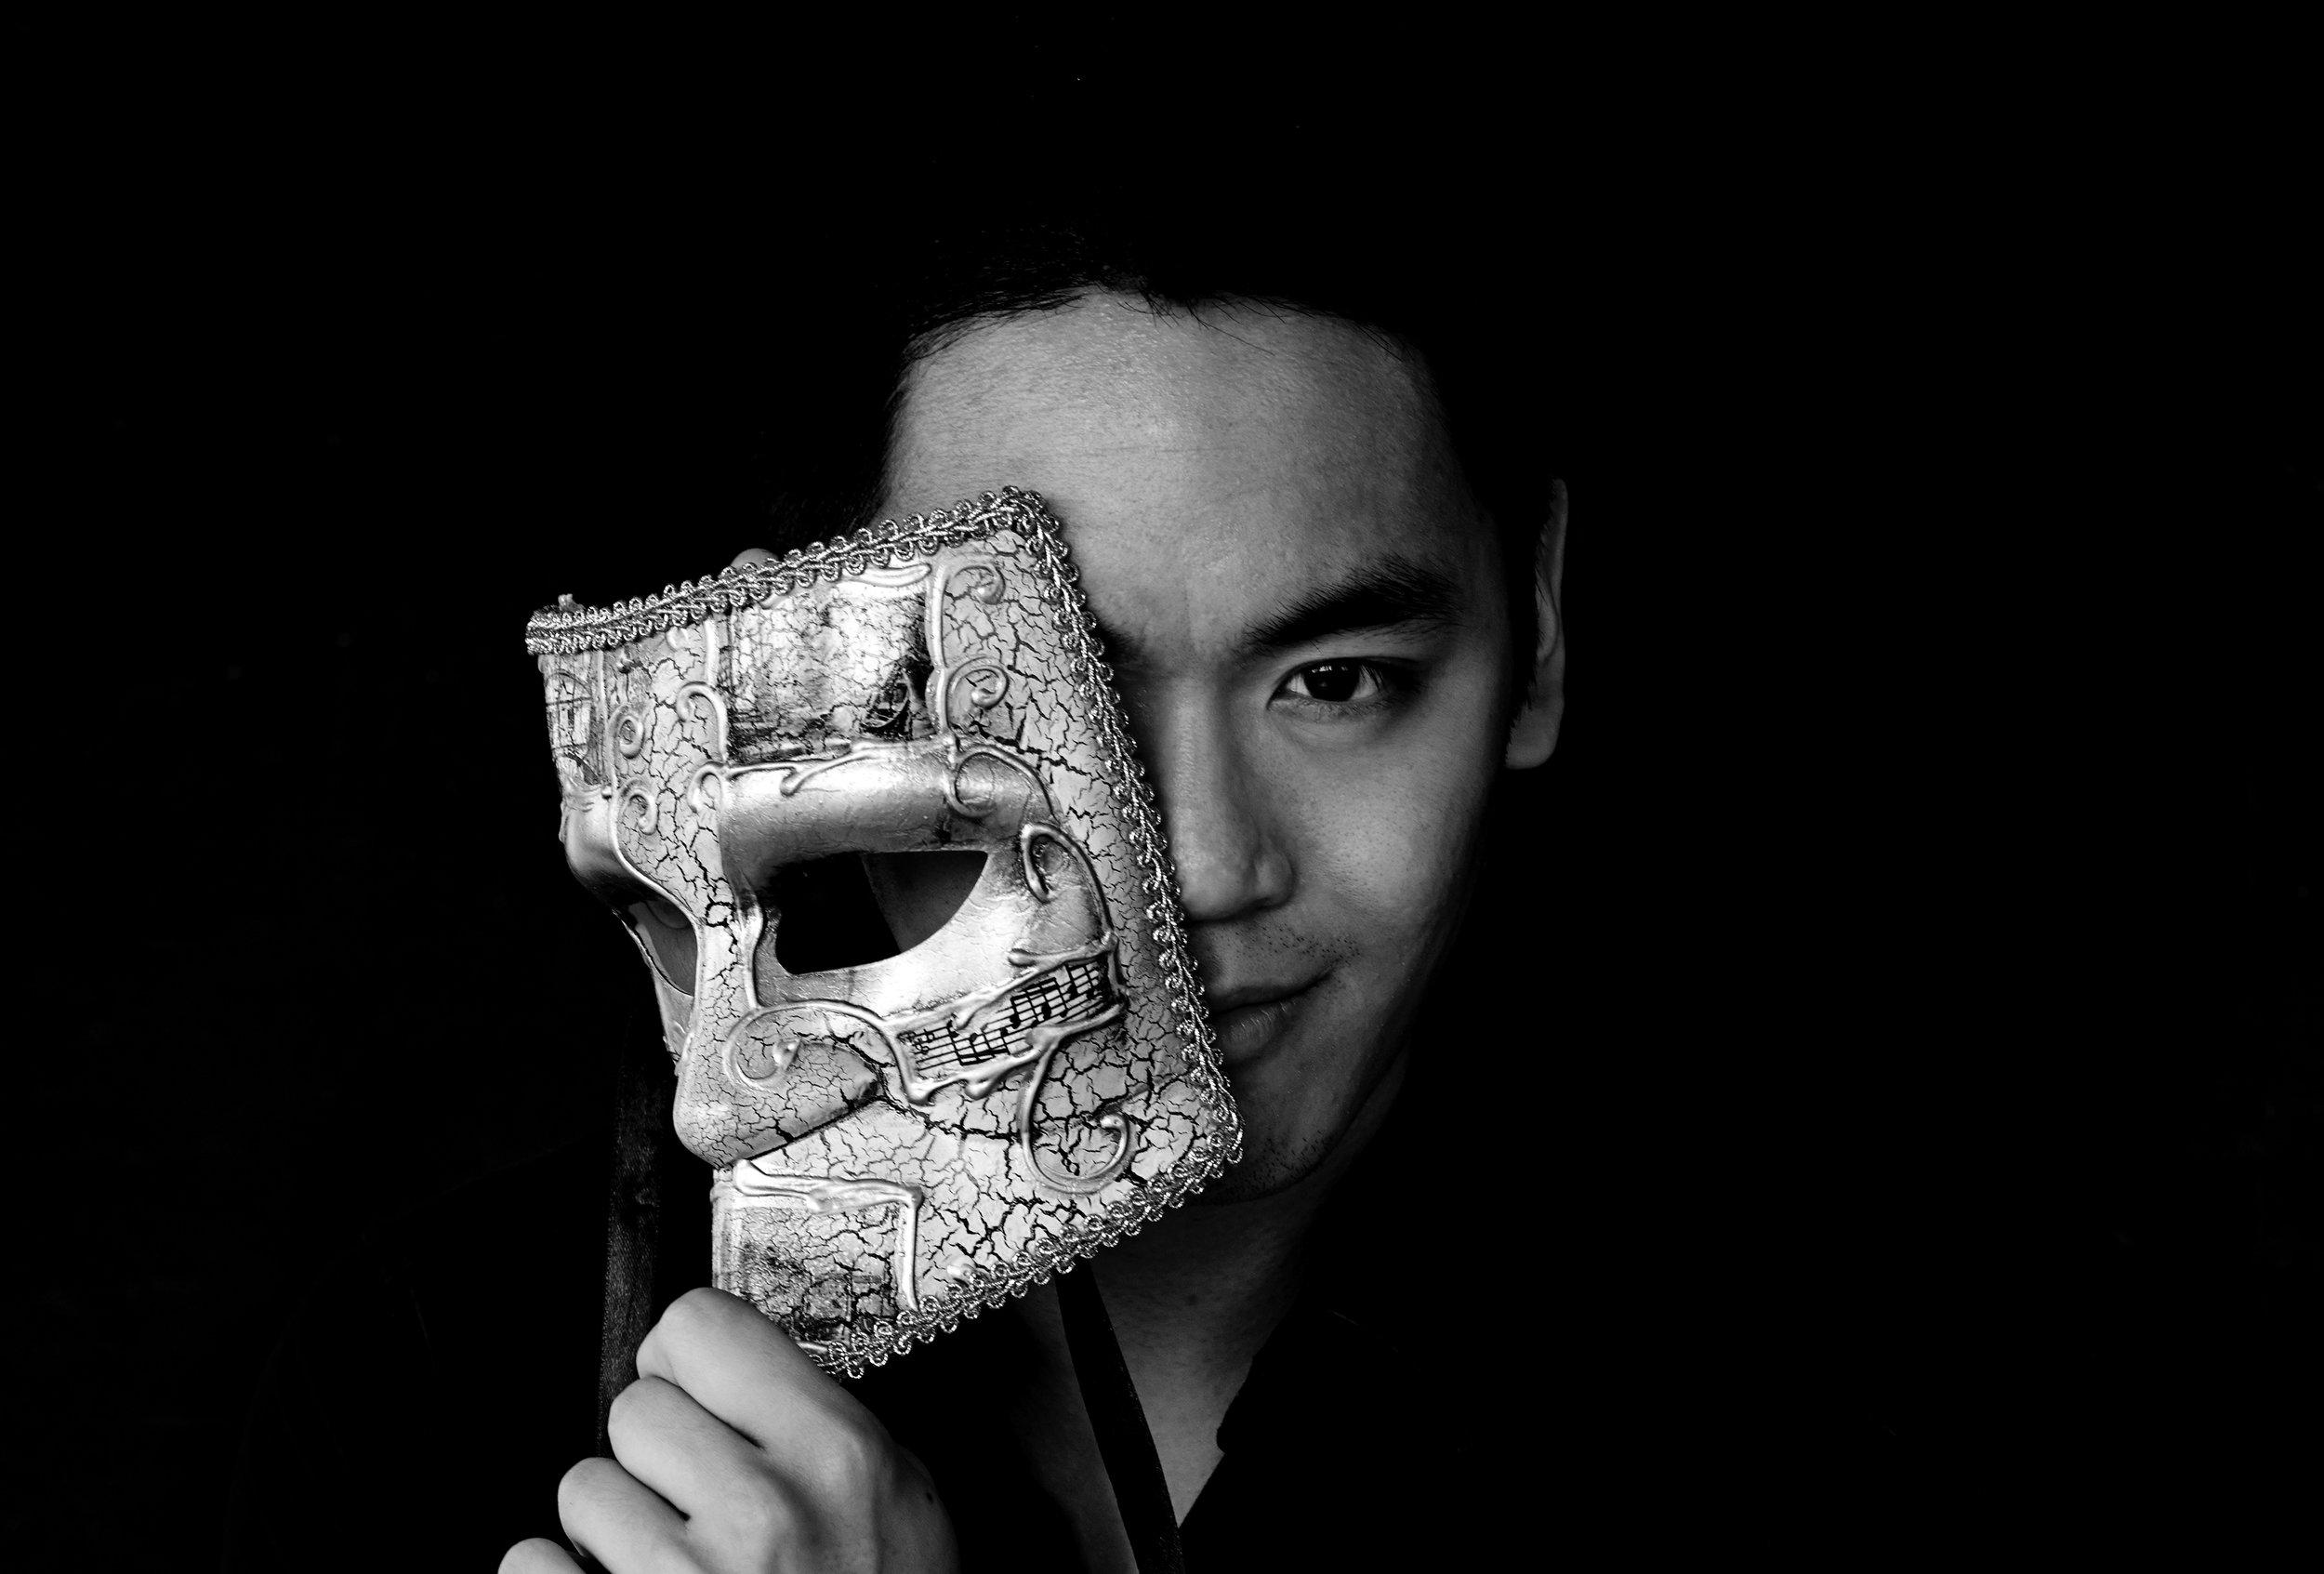 Yi Lin Jiang ©Demetrius Fordham